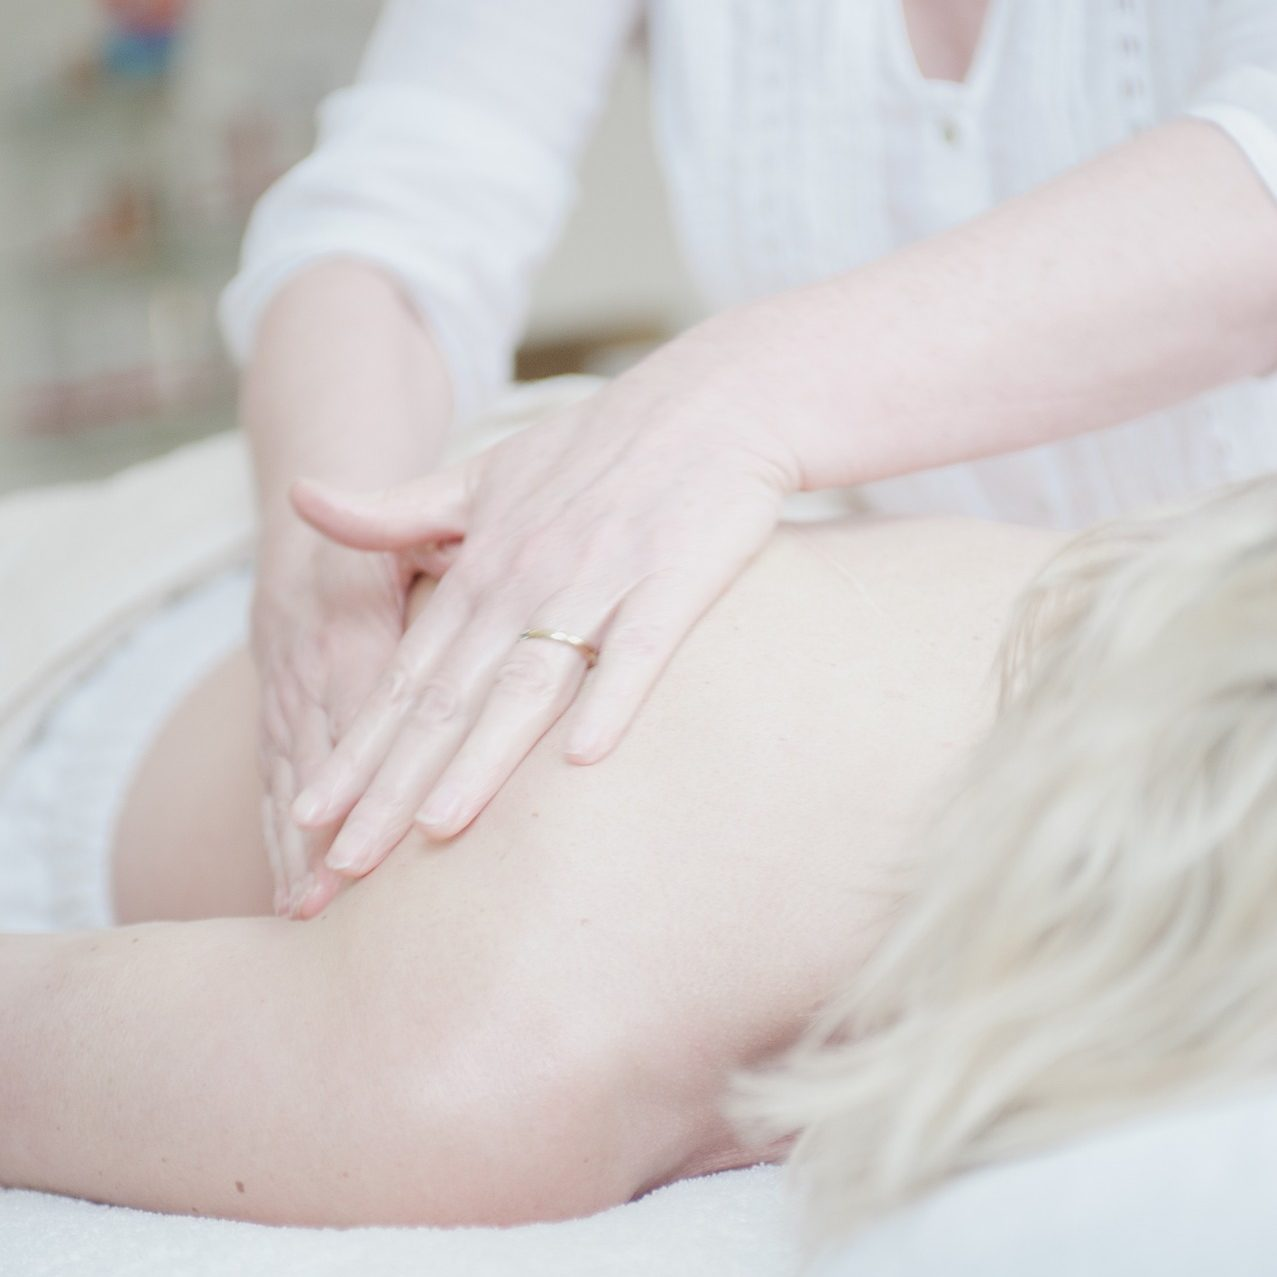 massage-650879_1920